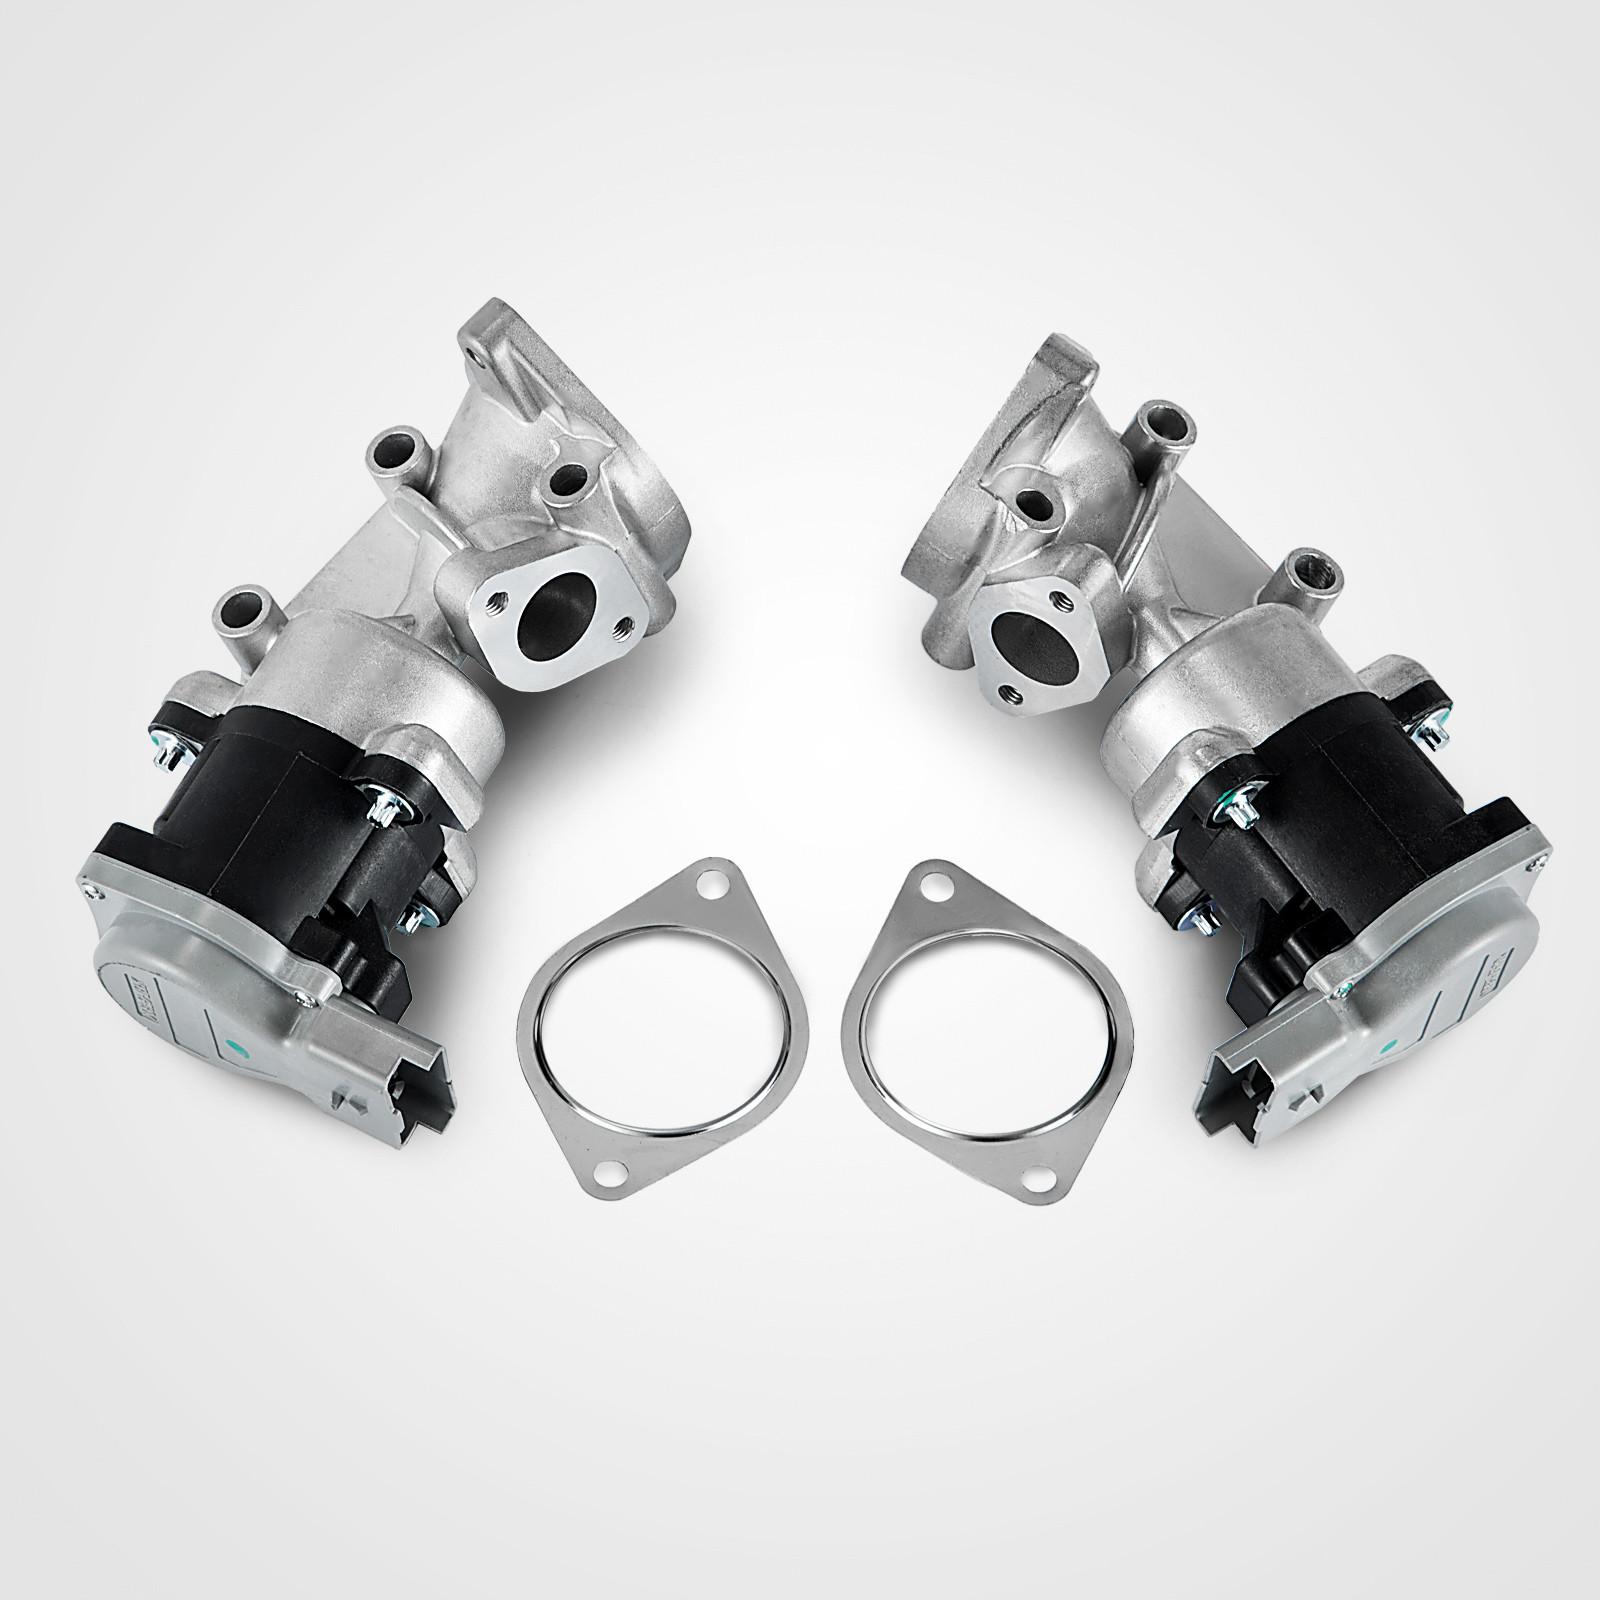 Pair-Of-Egr-Valves-LR018324-23-For-Landrover-Discovery-LR018324-ERA-555104-2-7